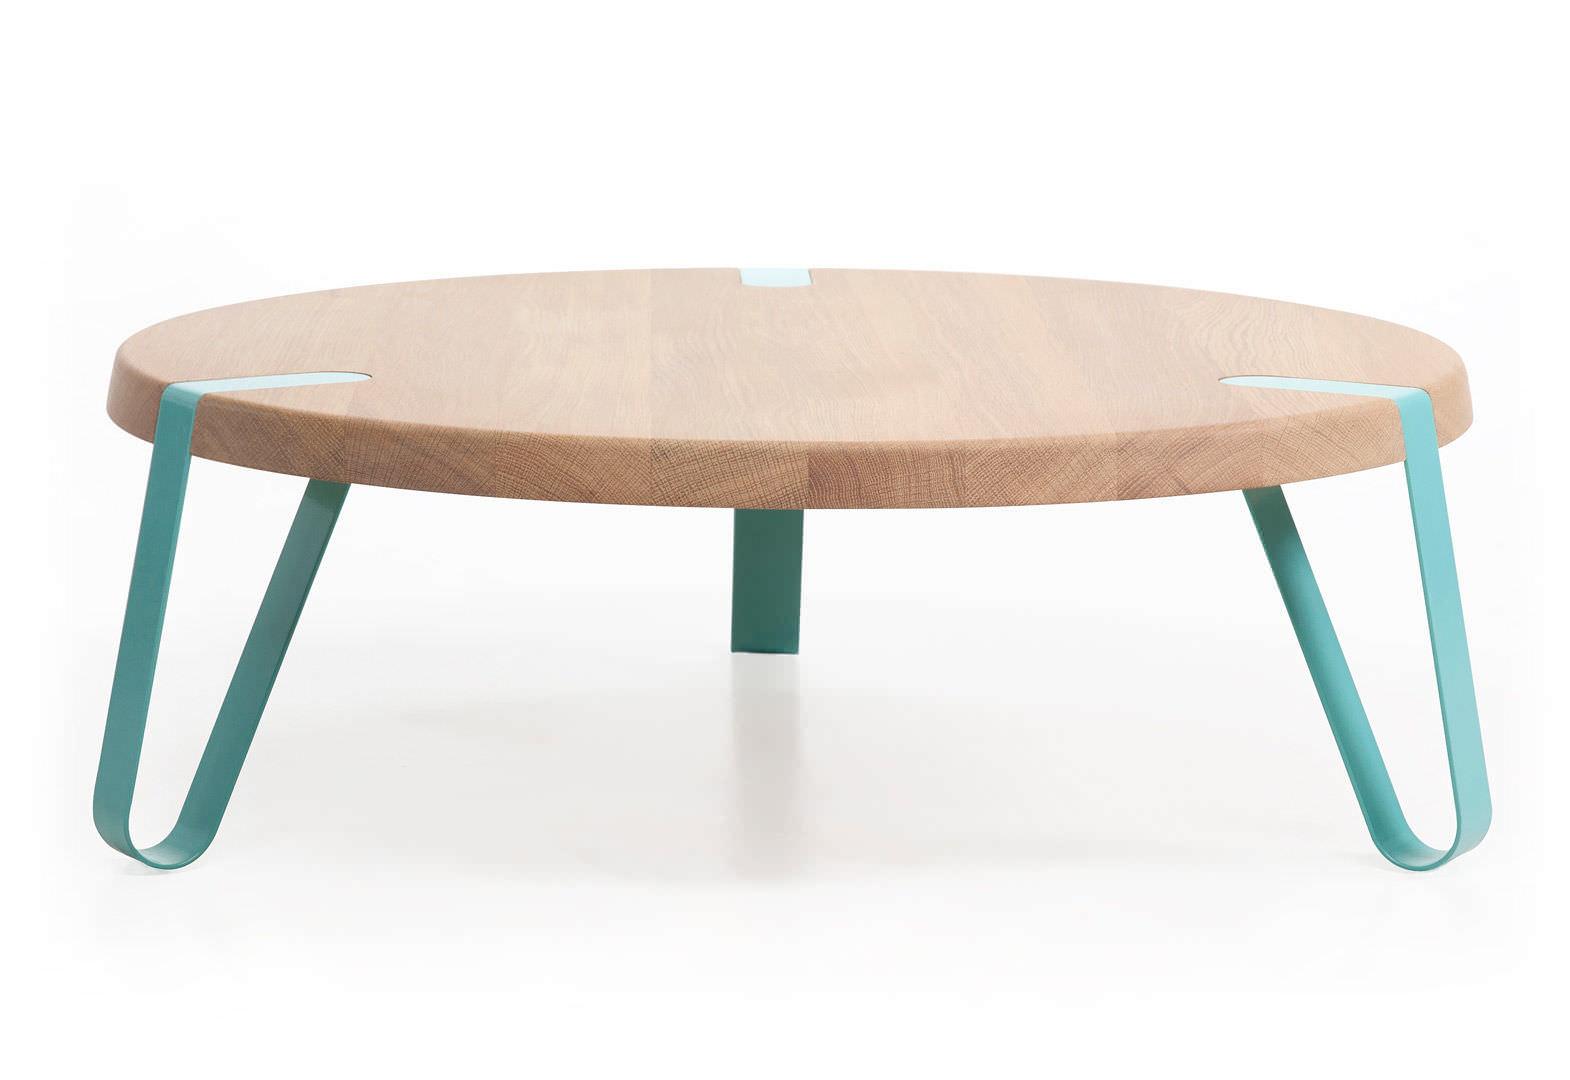 Dutch Design; Moderner Couchtisch / Holz / Rund / Innenbereich LEVEL By  Erik Remmers Odesi.